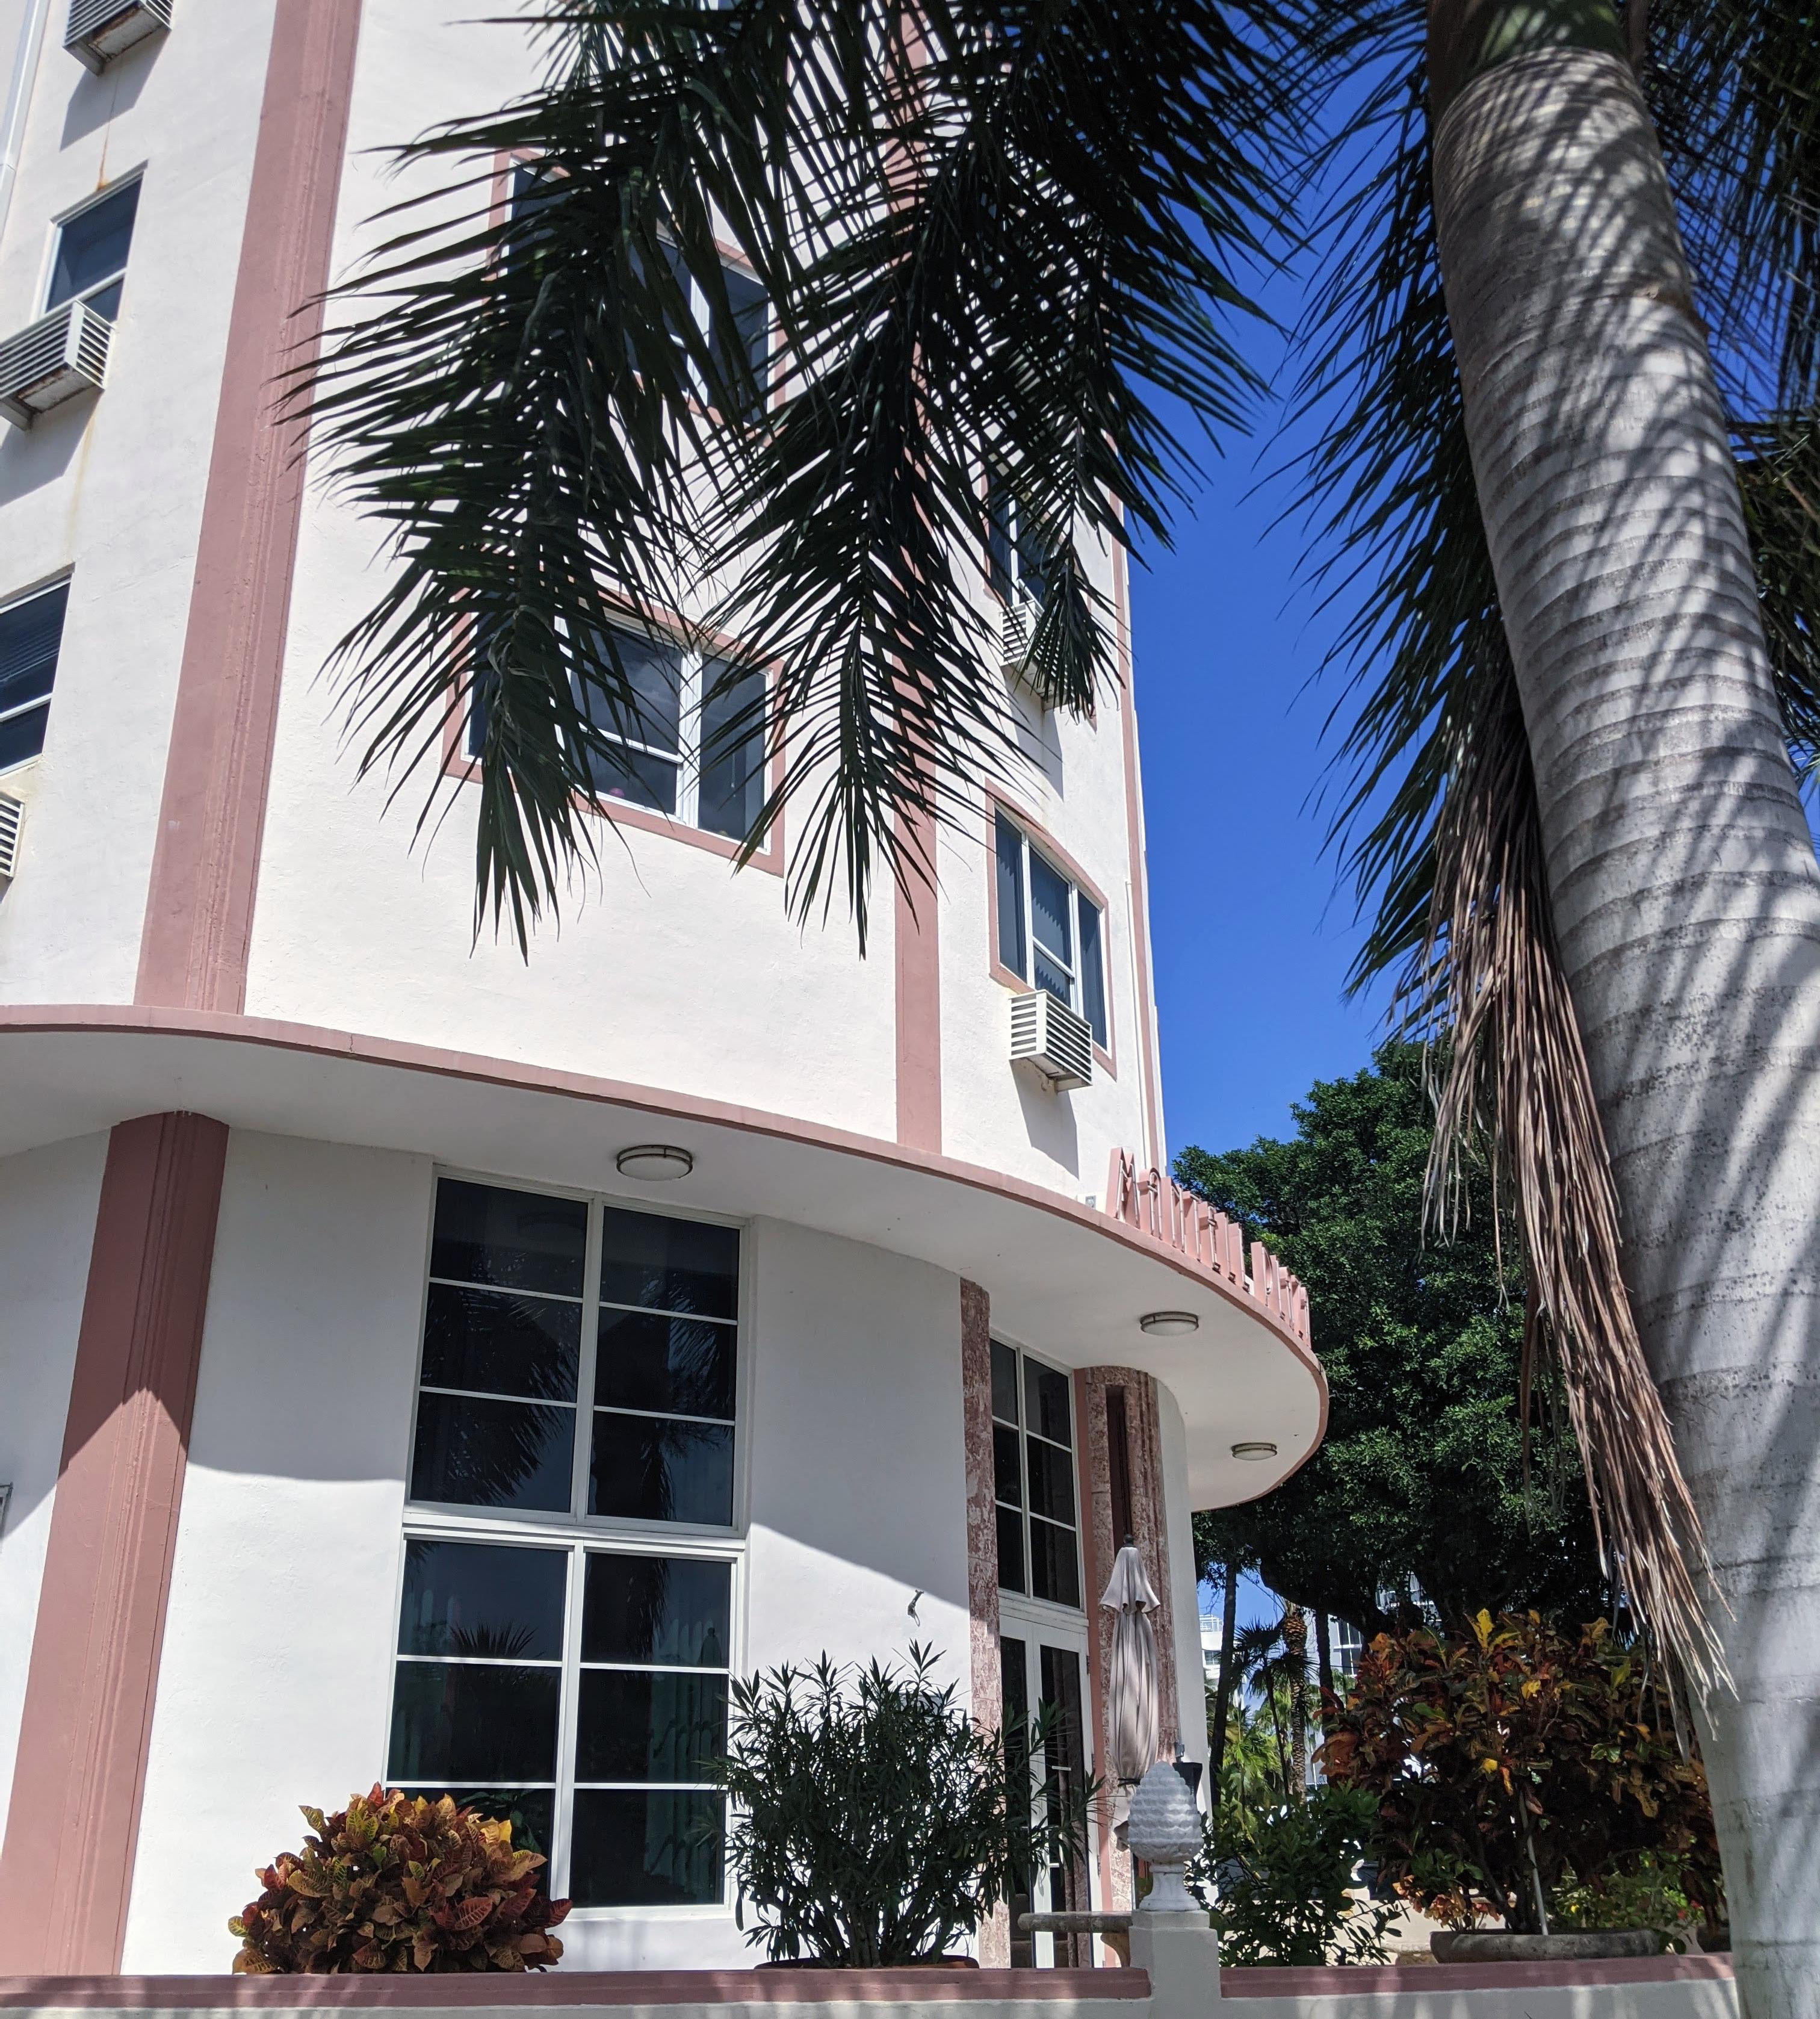 מיאמי ביץ' ארט דקו ארכיטקטורה אדריכלות במיאמי